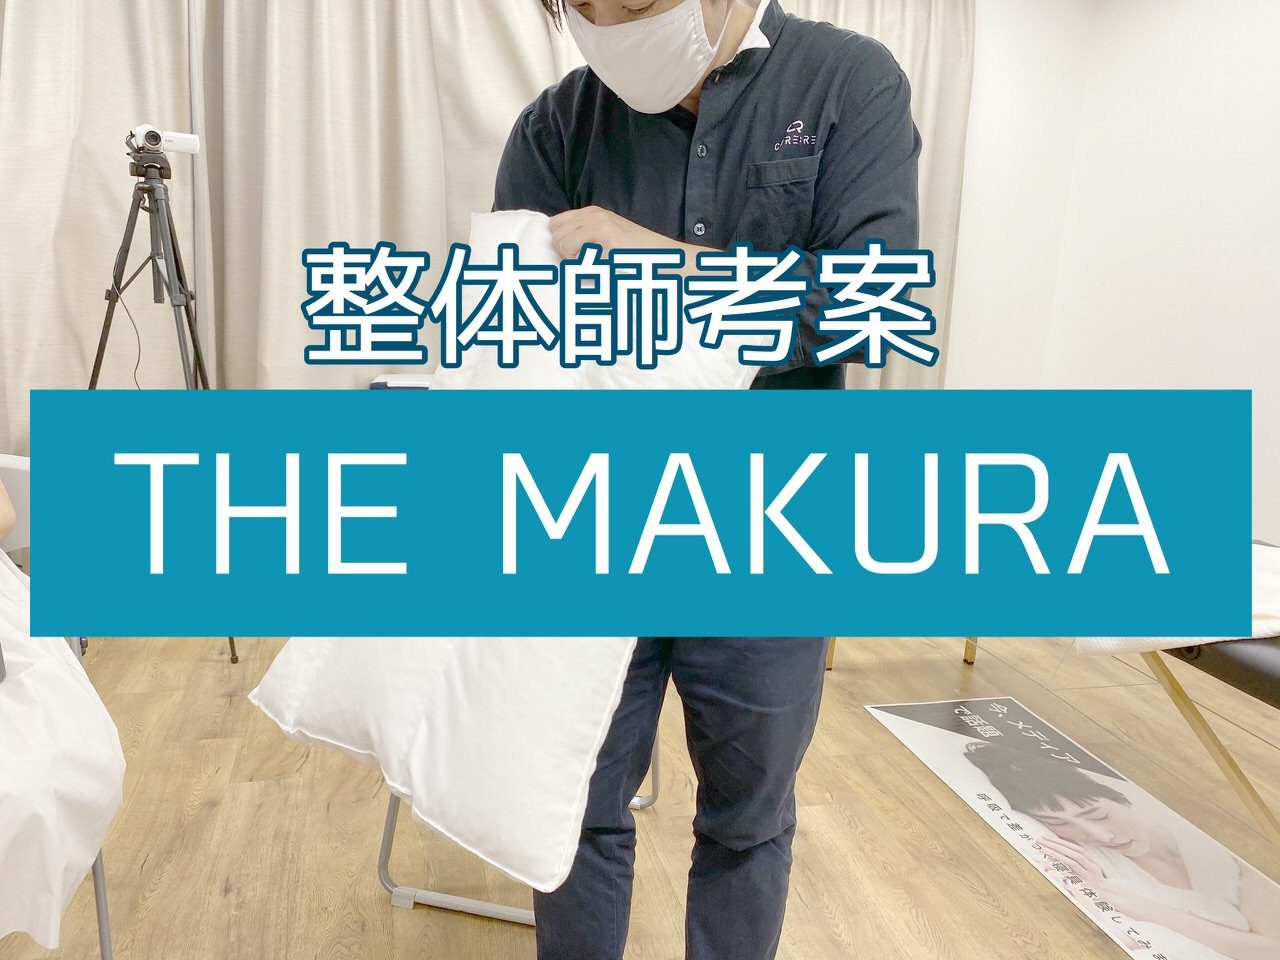 整体師が考案した首への負担を軽くするキュアレの枕「THE MAKURA」 足首を休ませる「ASHI MAKURA」#提供